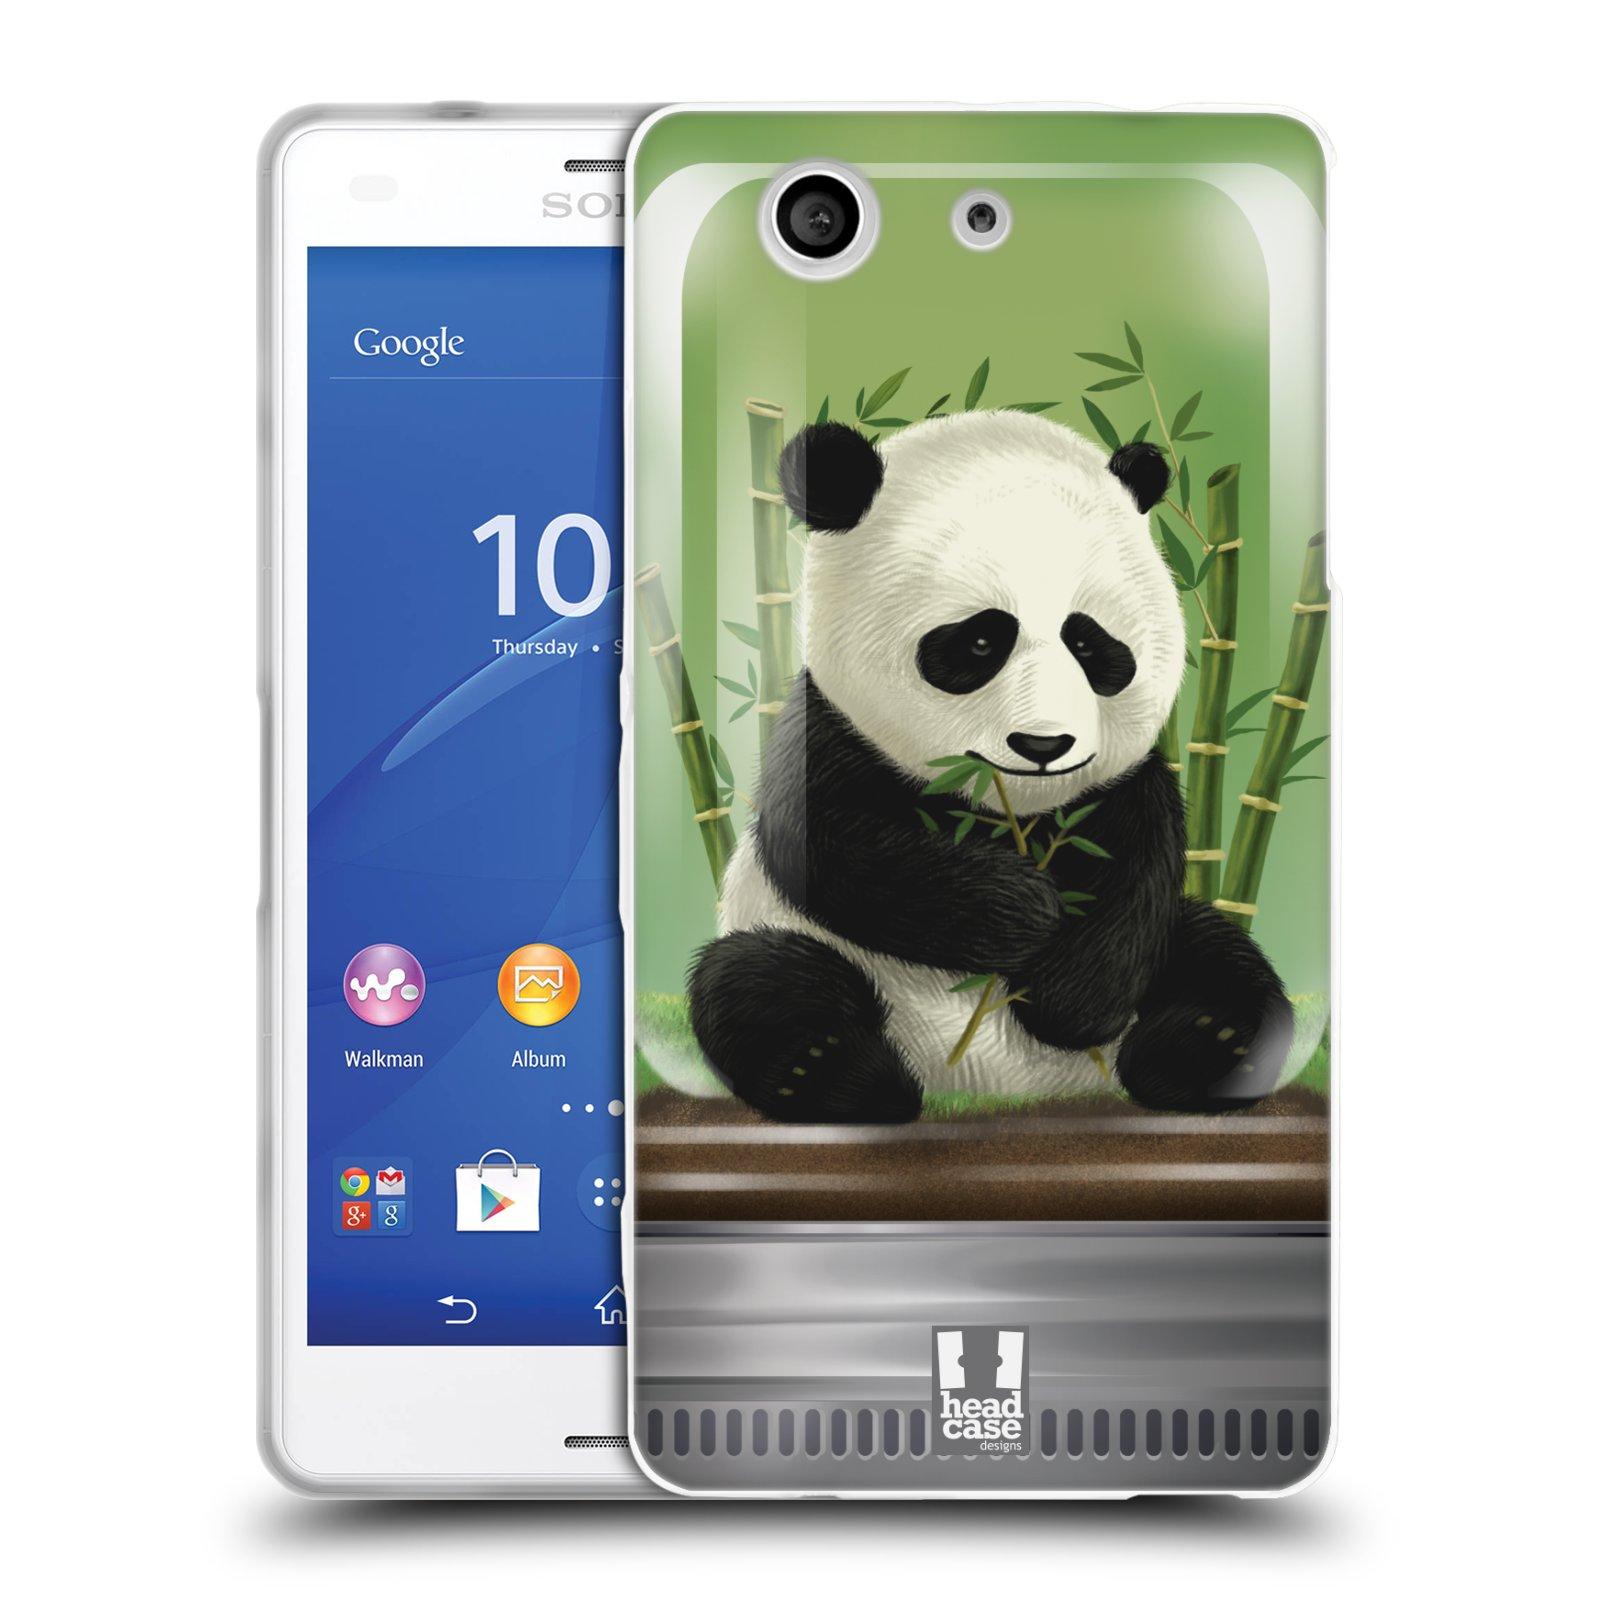 HEAD CASE silikonový obal na mobil Sony Xperia Z3 COMPACT (D5803) vzor Zvířátka v těžítku panda